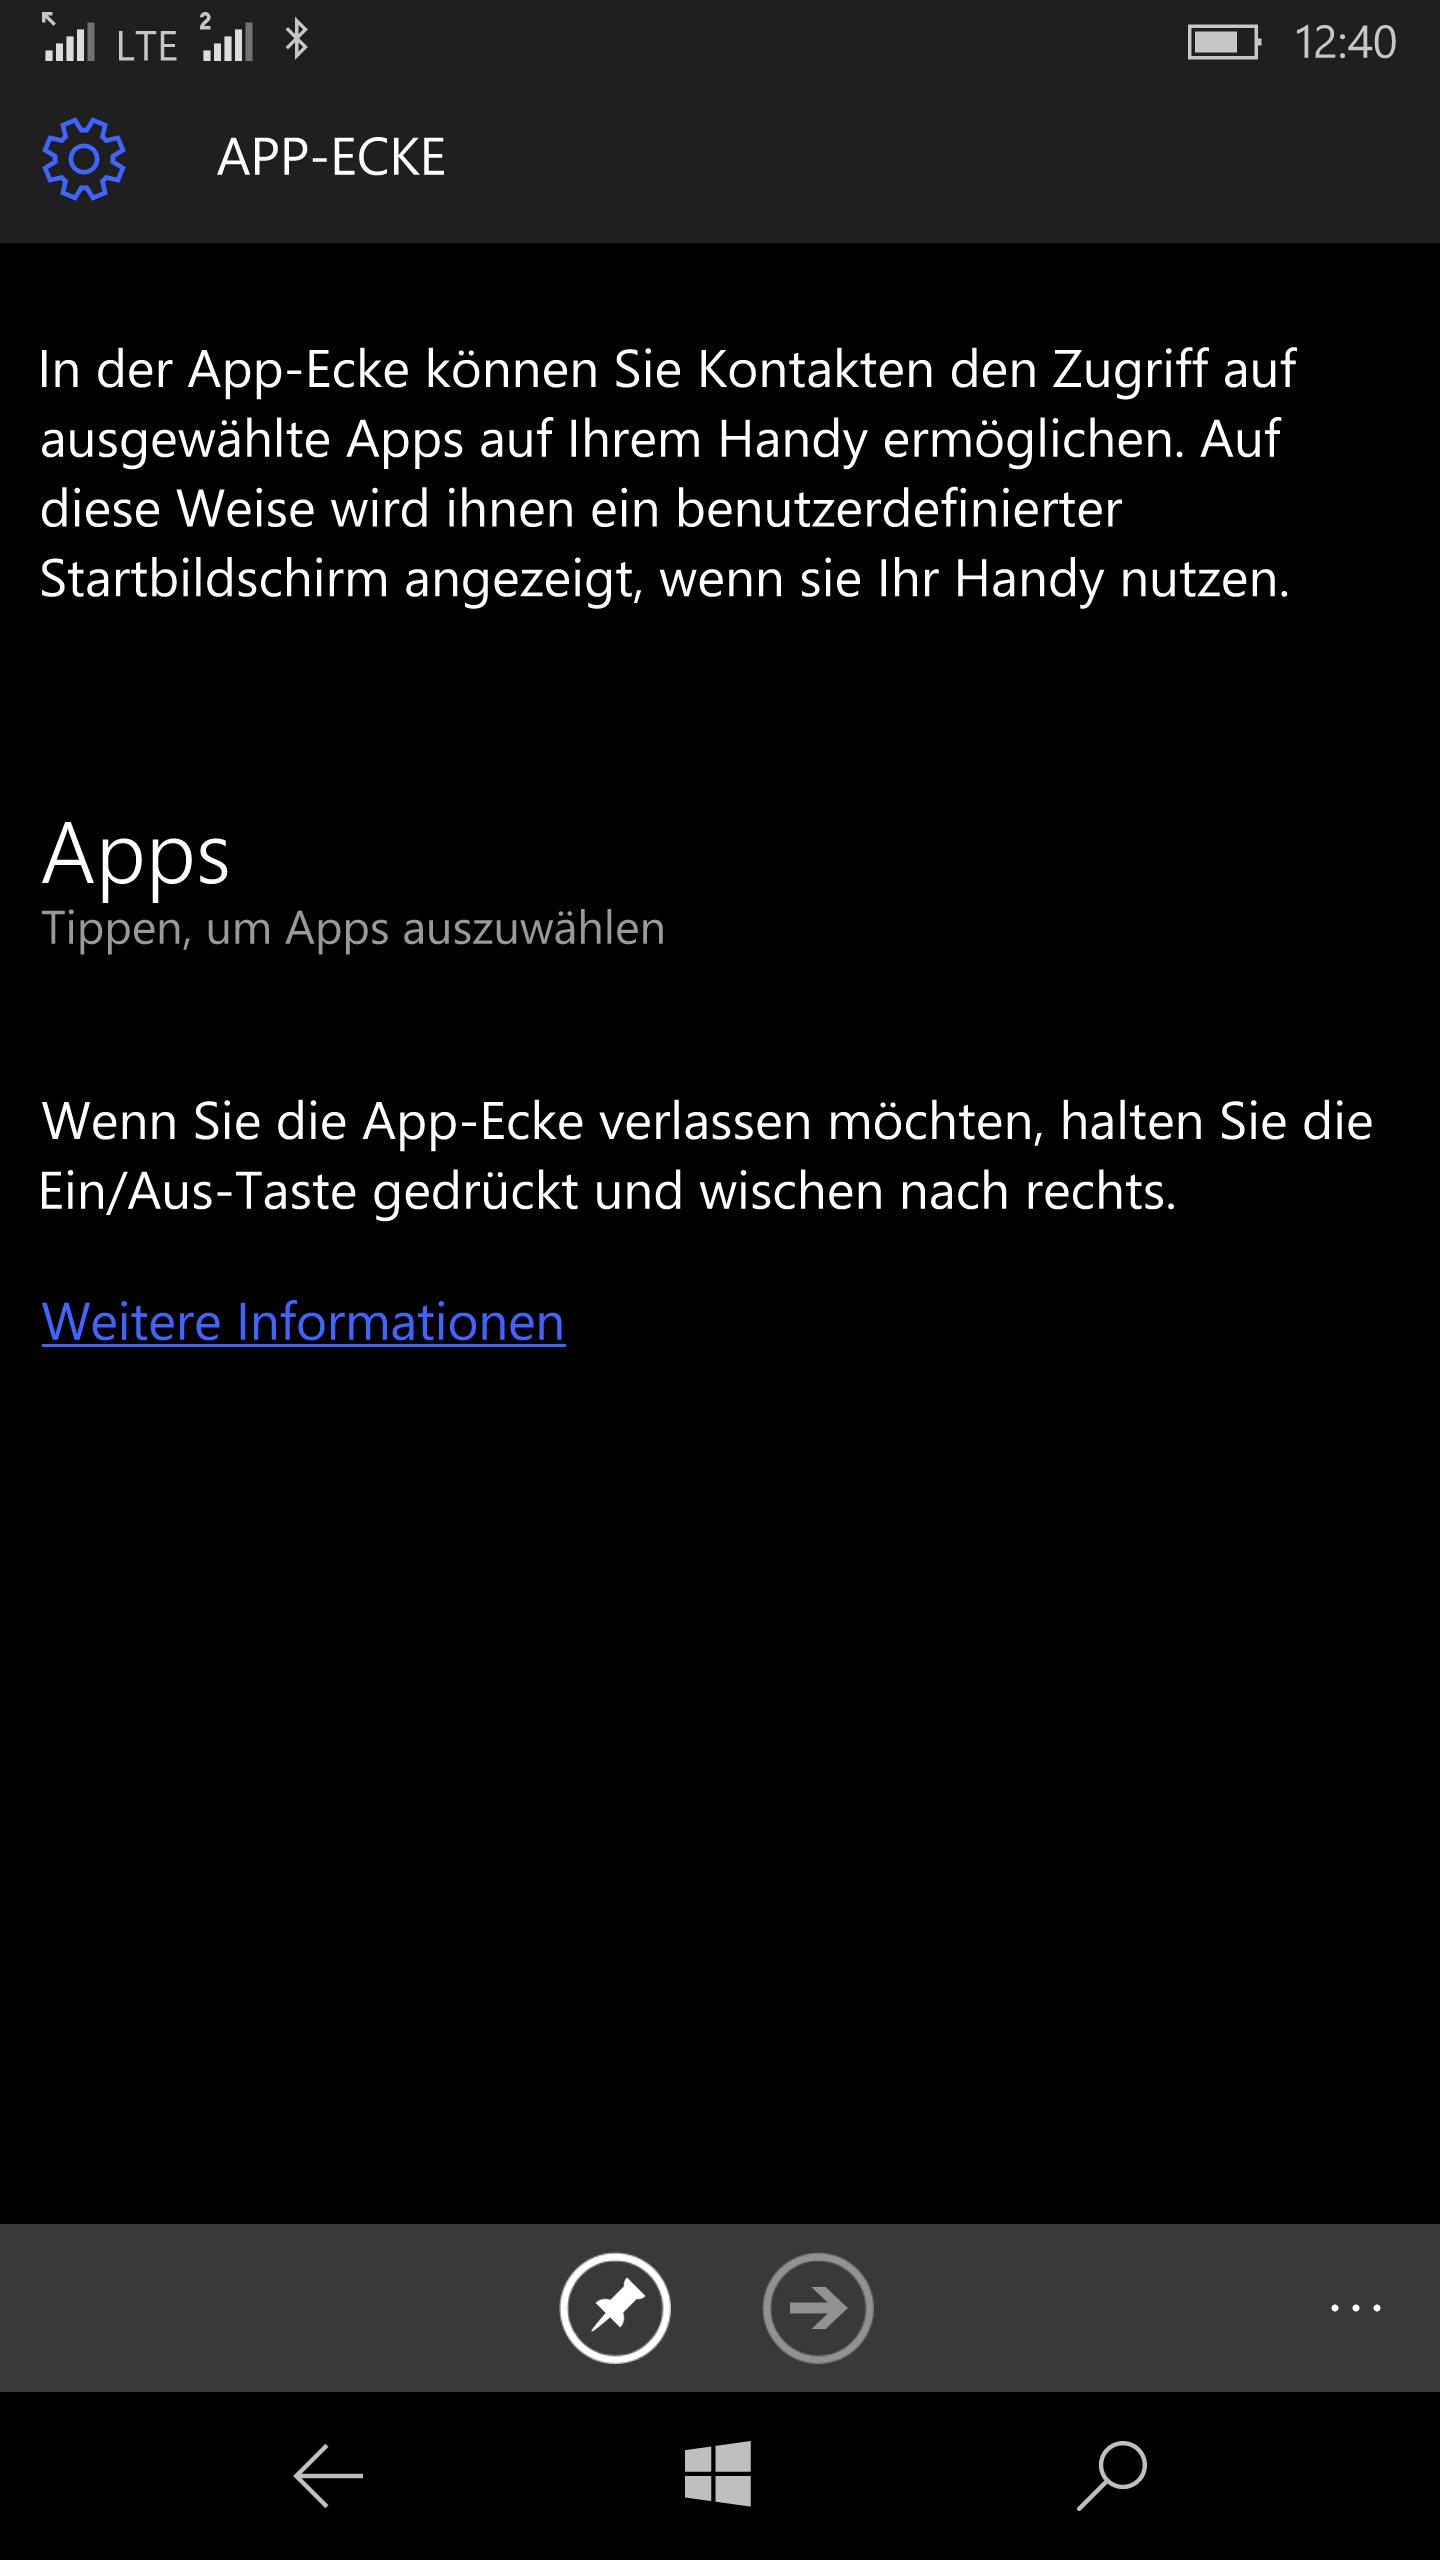 tipp einrichten der app ecke unter windows 10 mobile software windows 10 windows phone. Black Bedroom Furniture Sets. Home Design Ideas